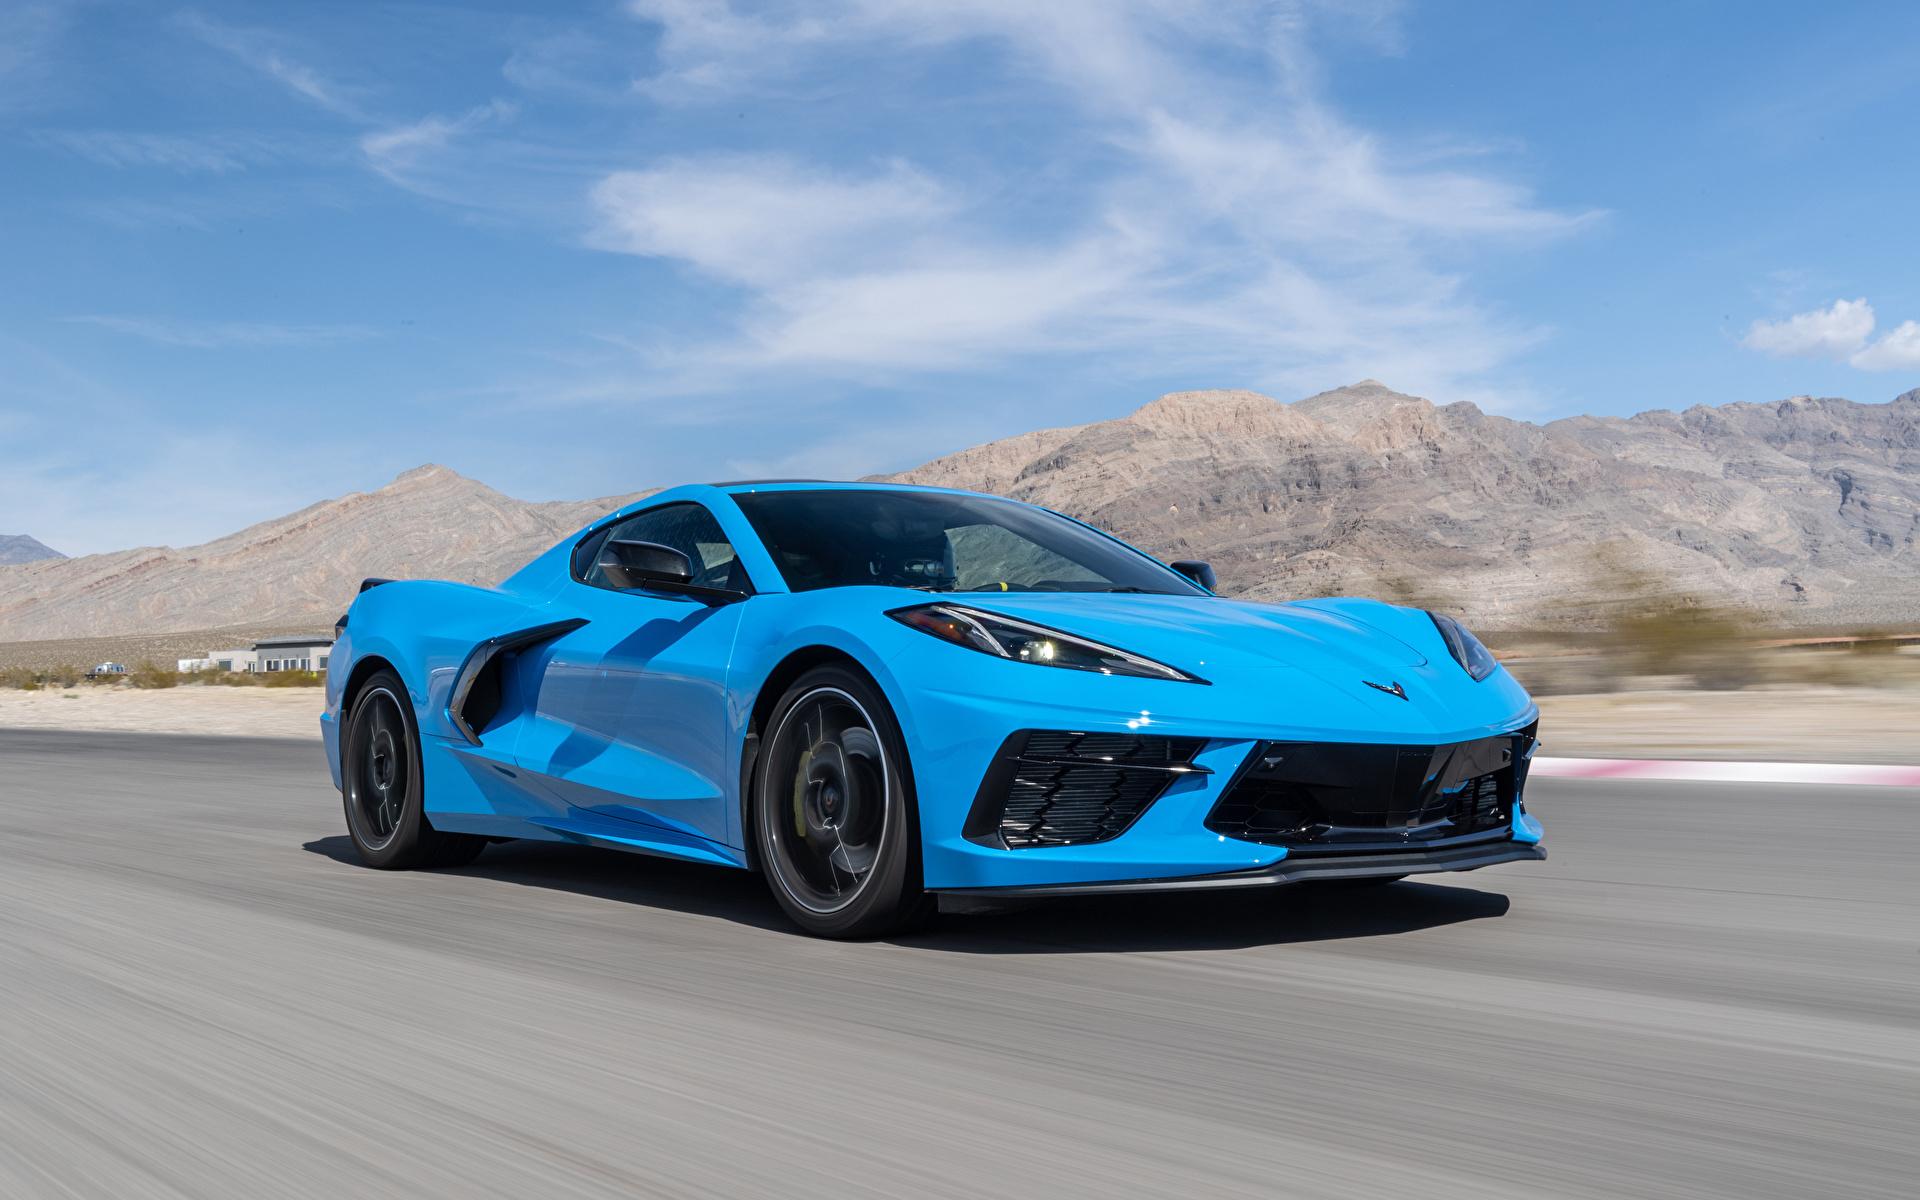 Картинки Chevrolet 2020 Corvette Stingray Z51 голубая едет авто 1920x1200 Шевроле Голубой голубые голубых едущий едущая скорость Движение машина машины Автомобили автомобиль